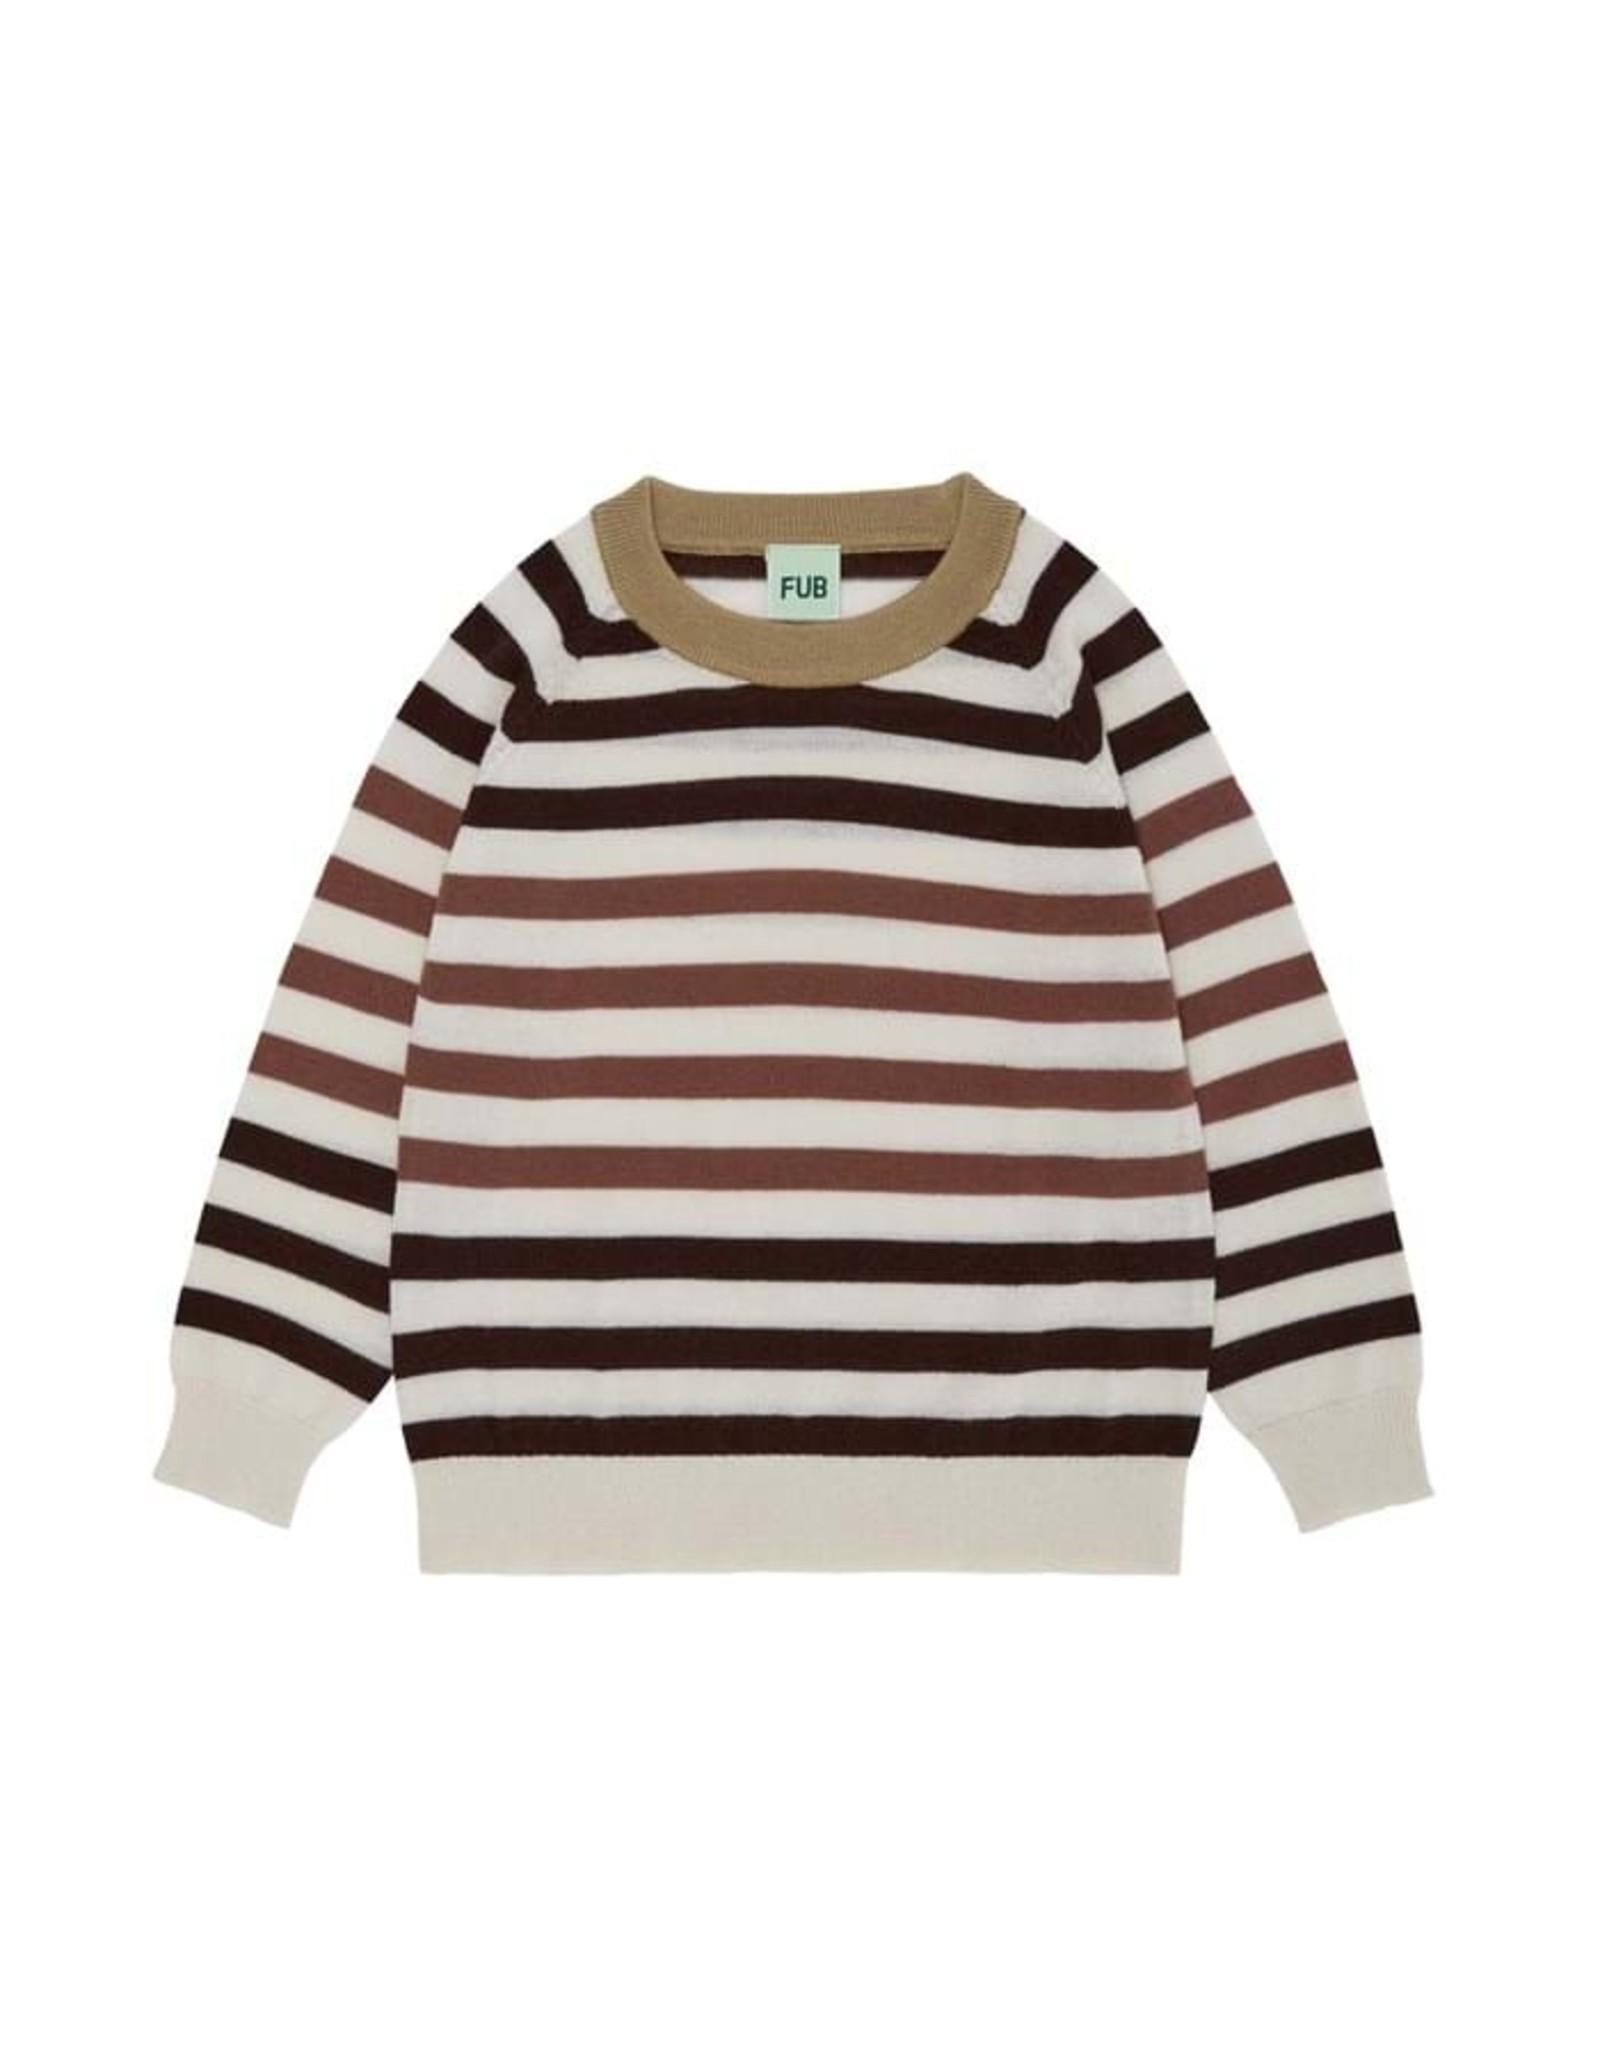 FUB FUB FW21 0321 Sweatshirt